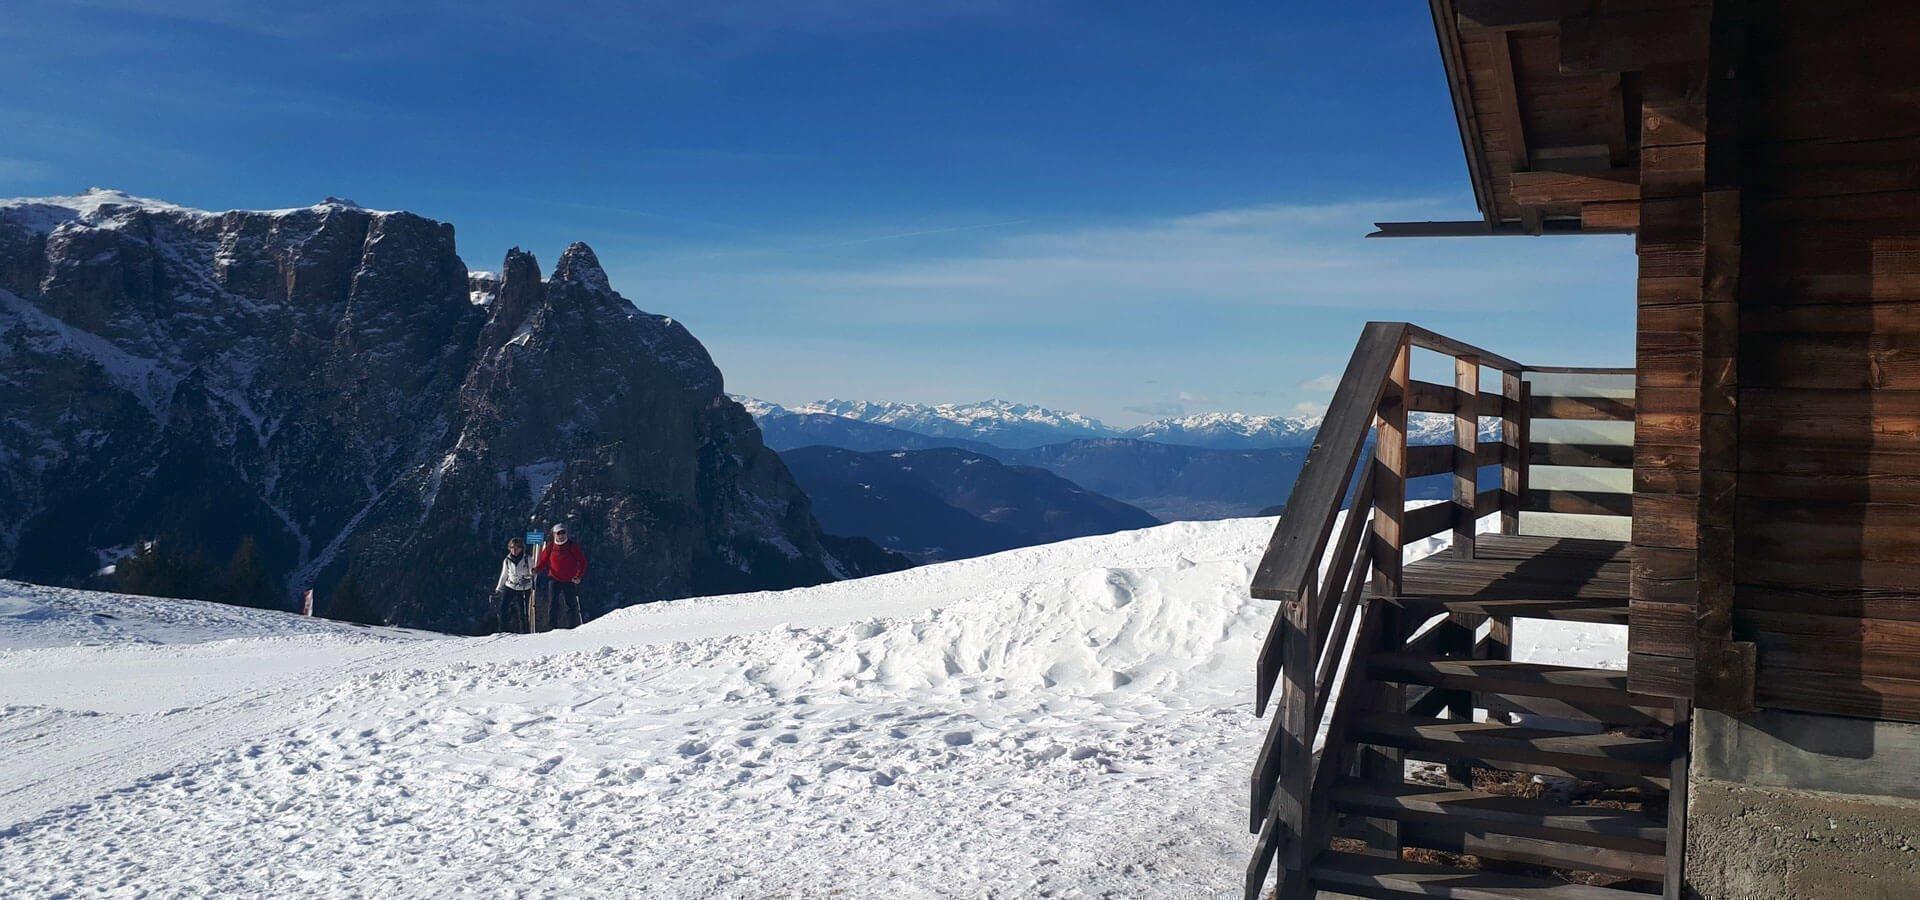 bauernhofurlaub-im-winter